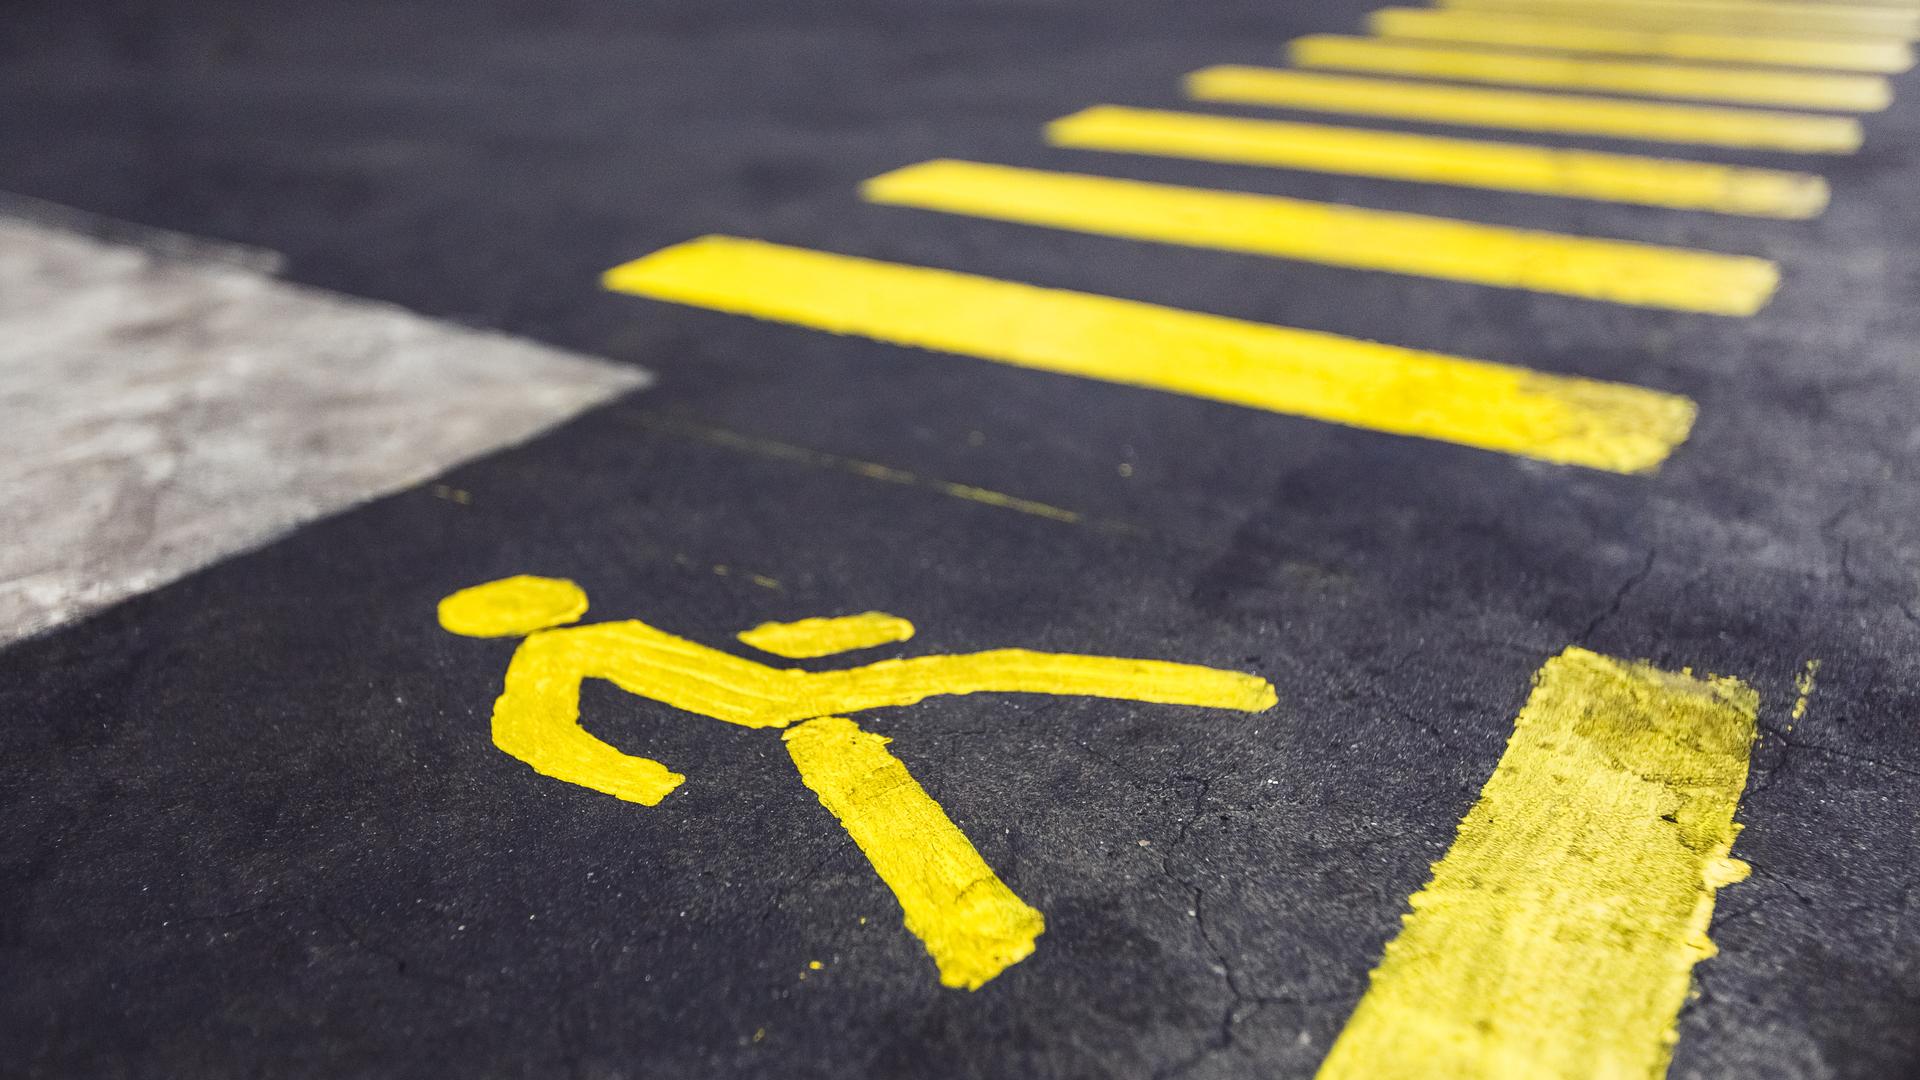 pedestrian crossing cross walk shutterstock_1524781767333.jpg.jpg